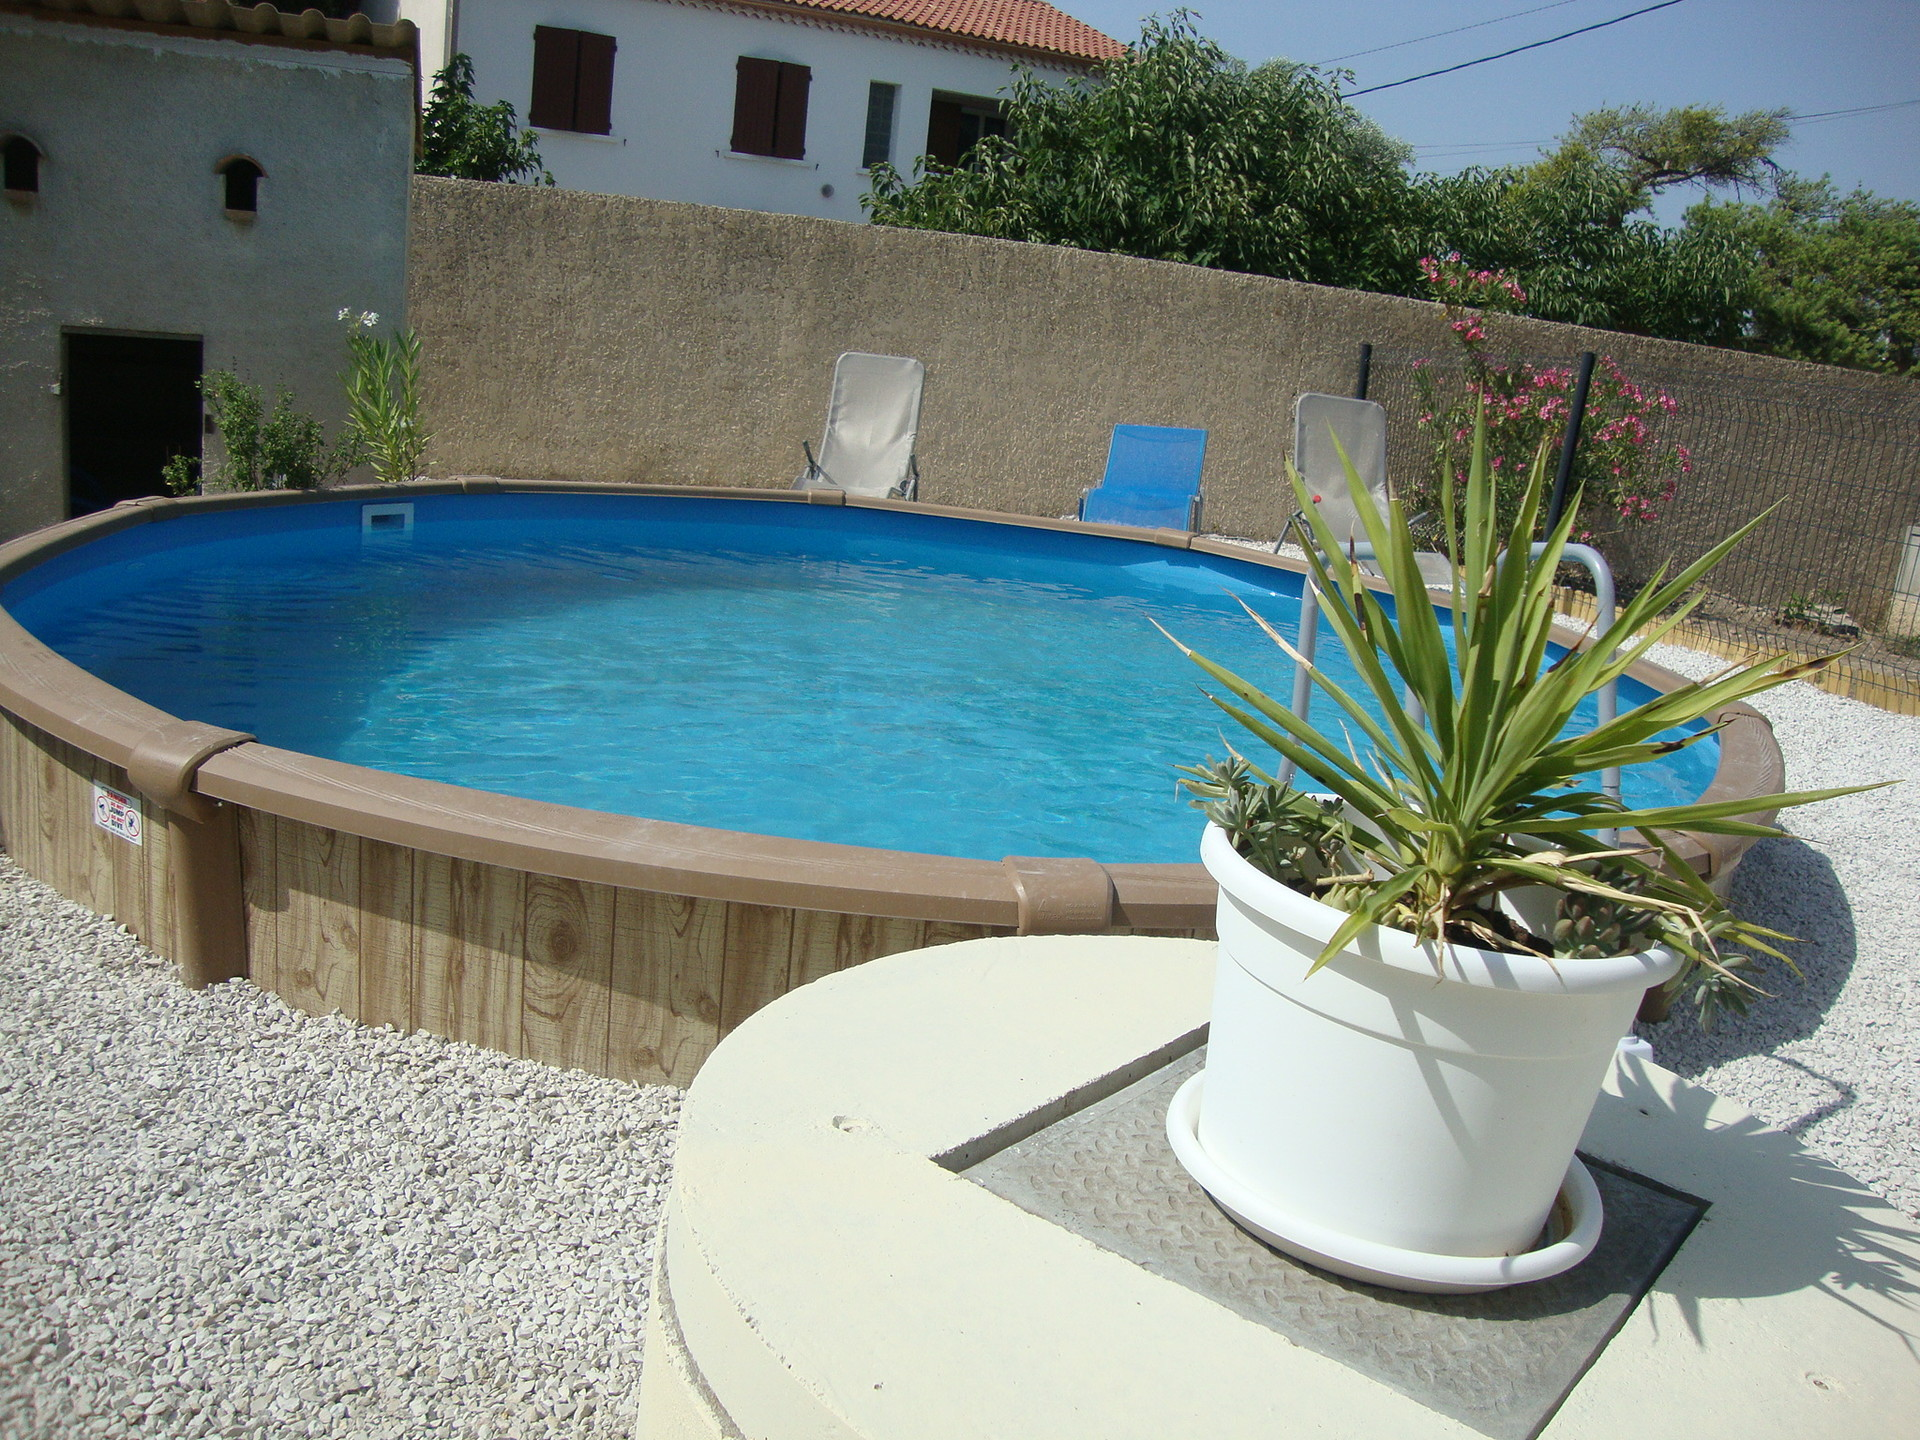 loue une chambre dans villa de 100 m2 plus piscine